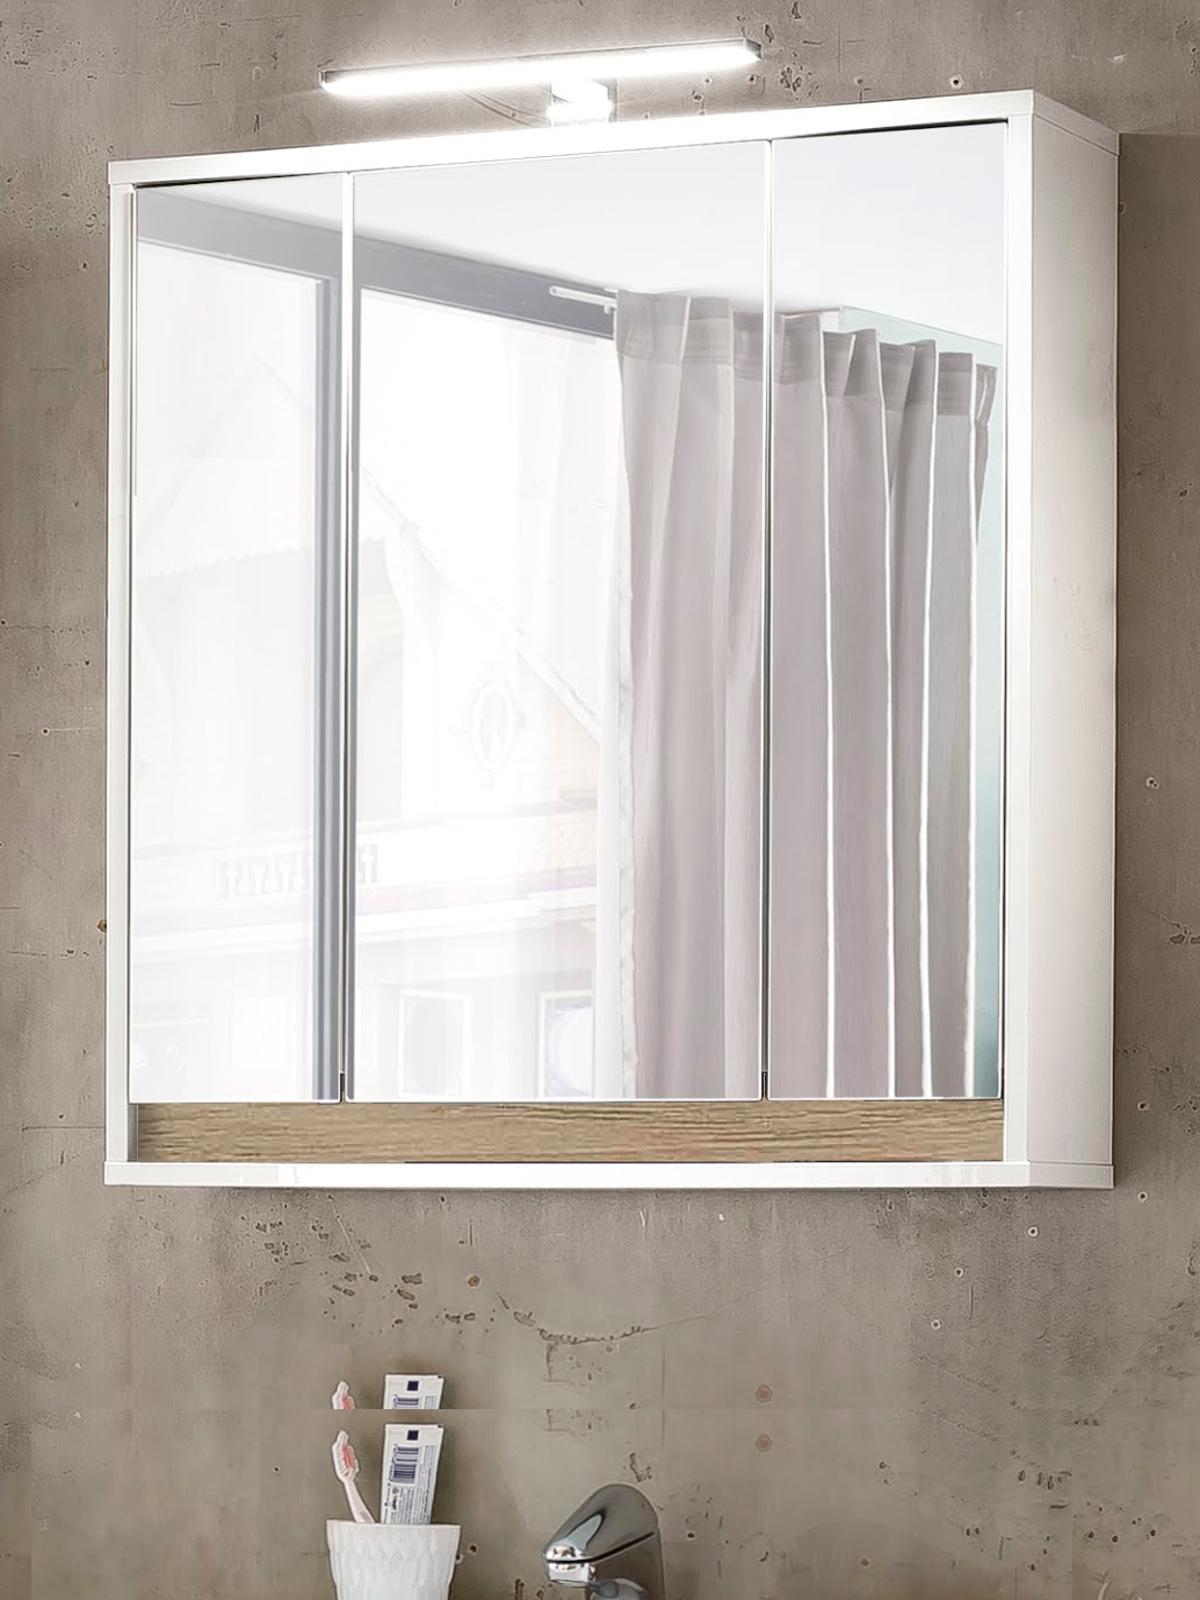 Bad Spiegelschrank Sol 3-türig weiß und Alteiche Dekor